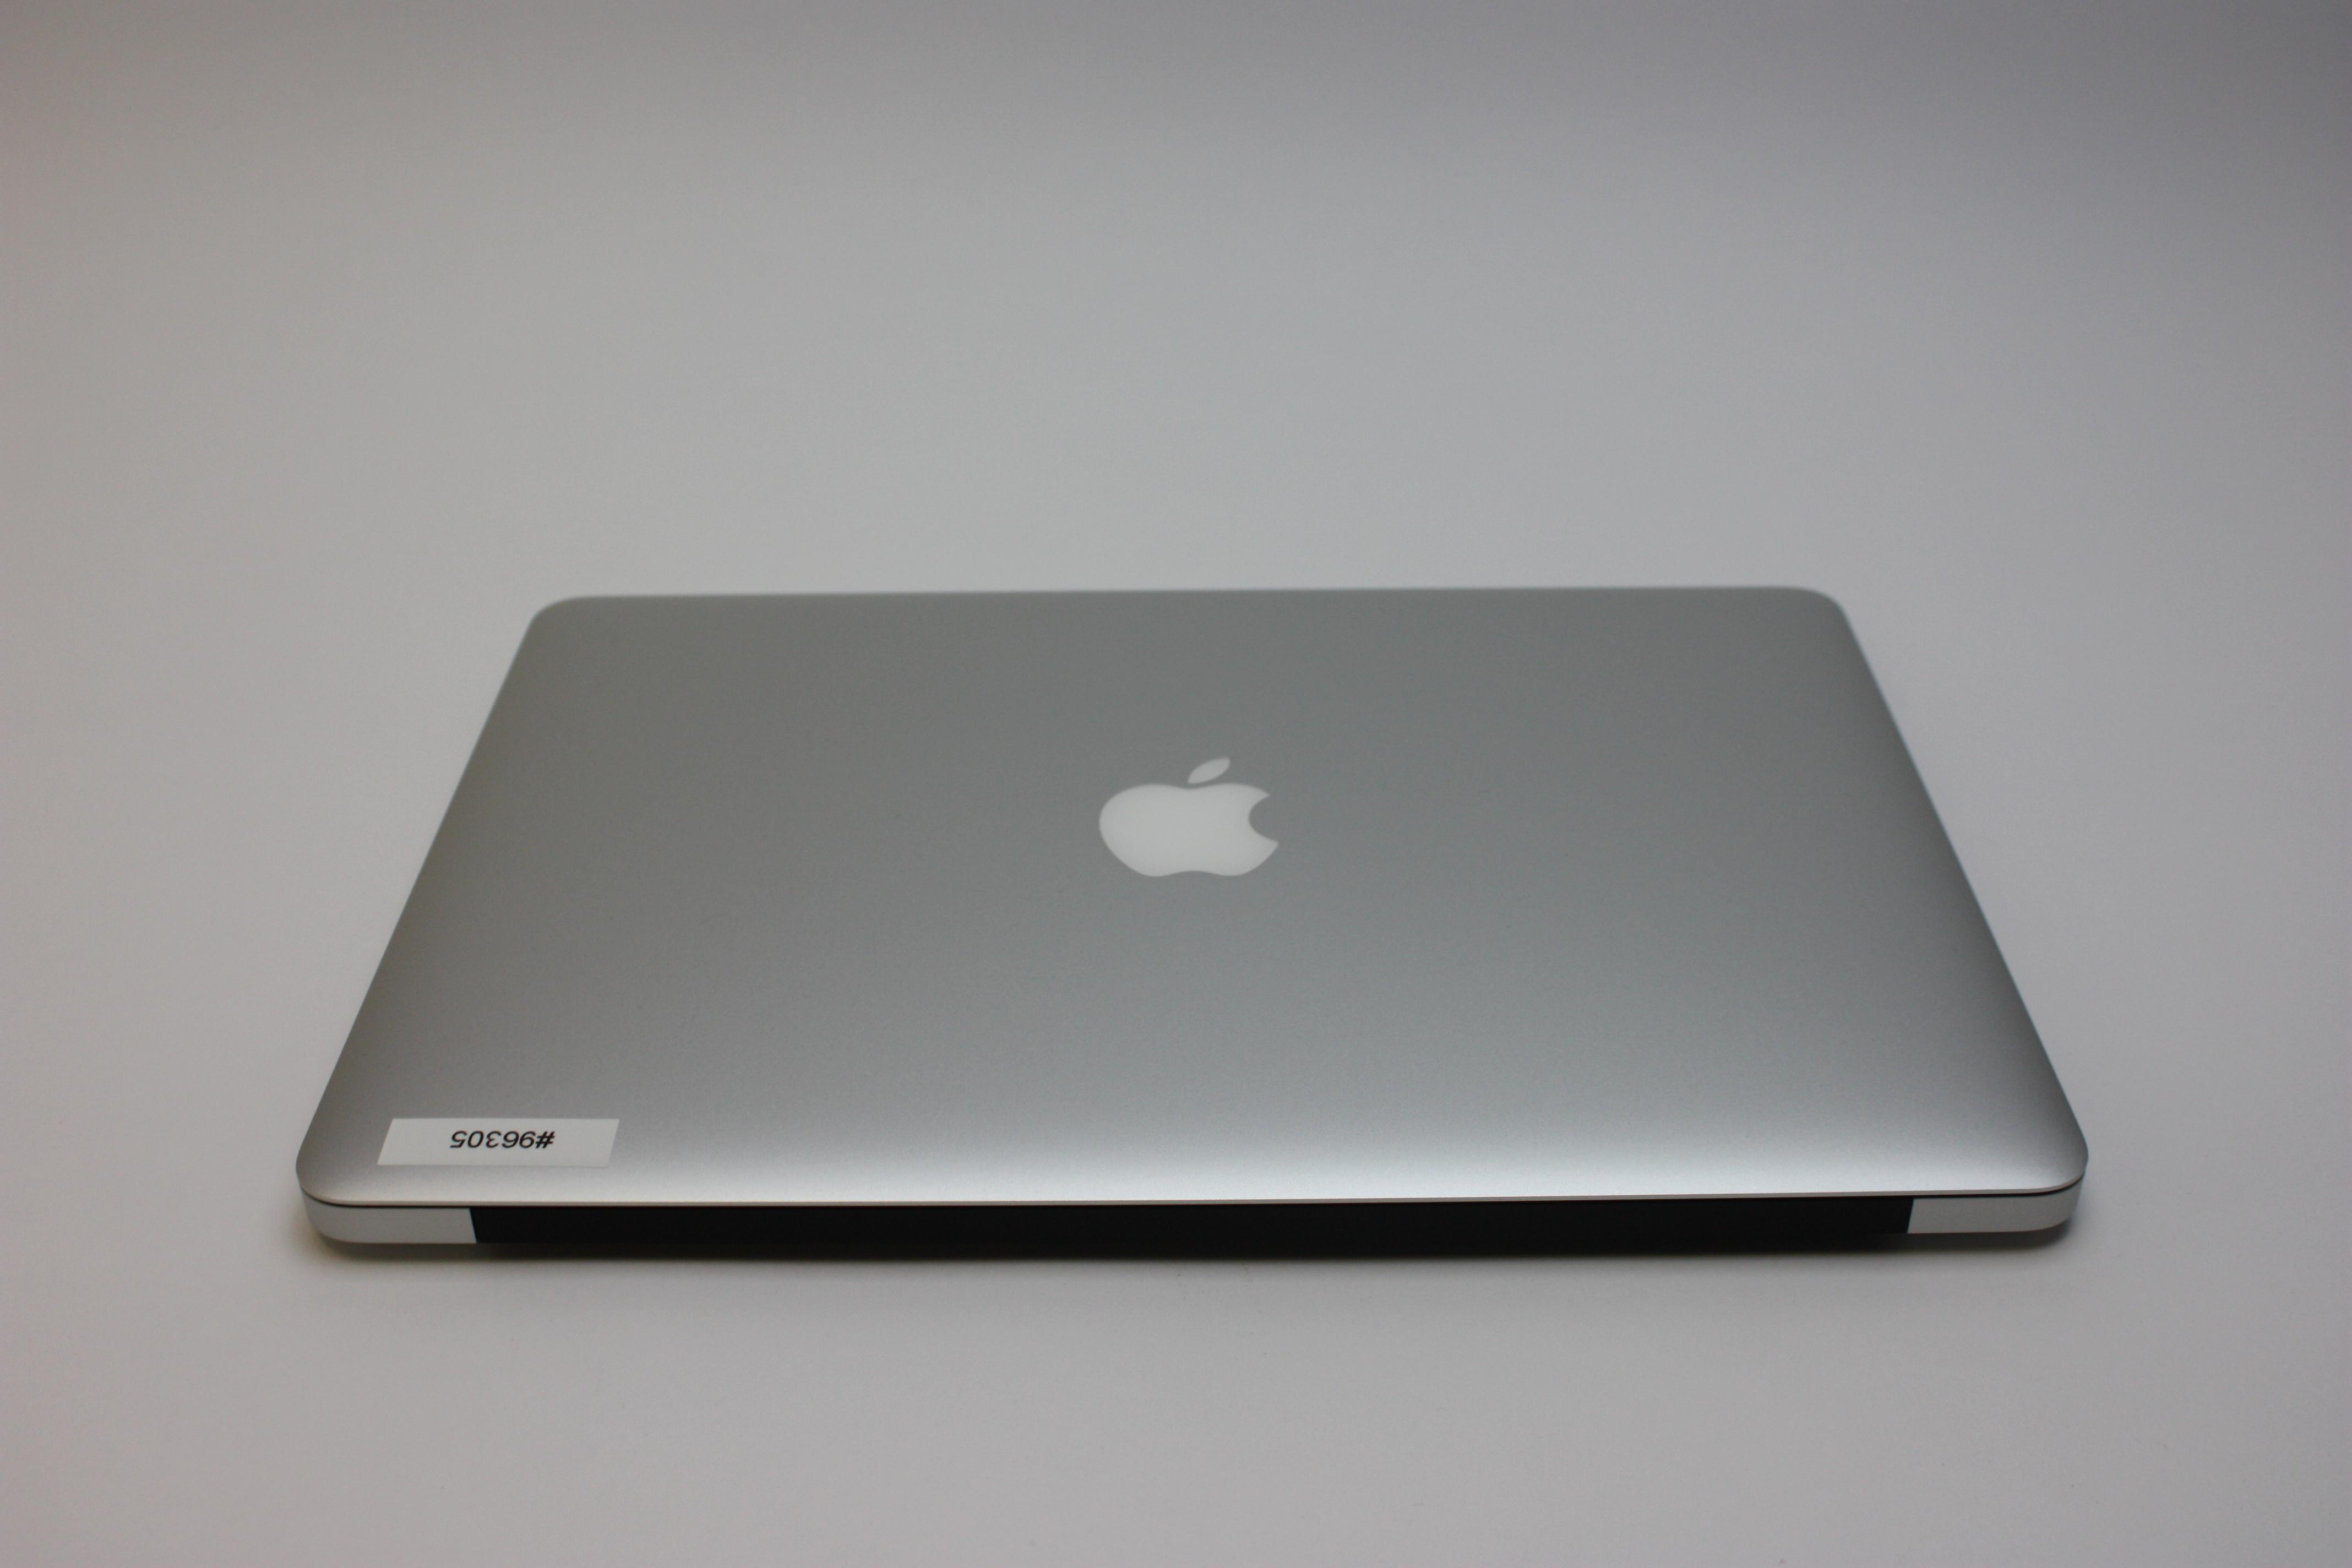 MacBook Air 13-inch, 1.8 GHz Core i5 (I5-5350U), 8 GB 1600 MHz DDR3, 128 GB Flash Storage, image 6